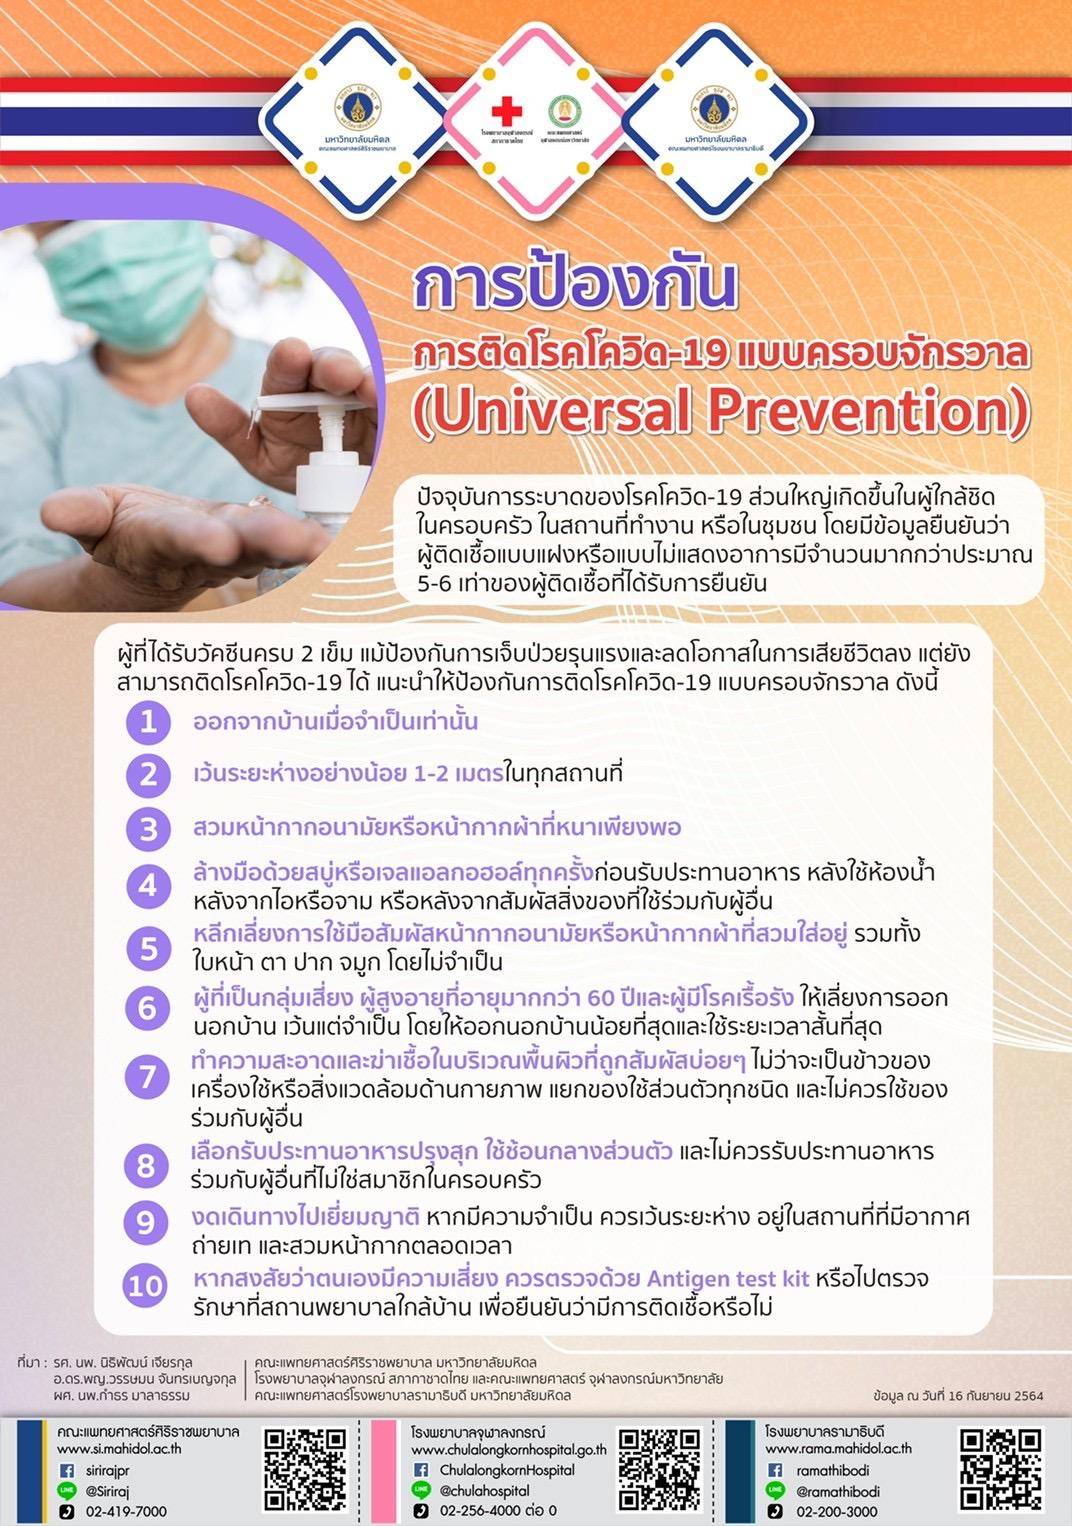 การป้องกันการติดโรคโควิด-19 แบบครอบจักรวาล(Universal Prevention)